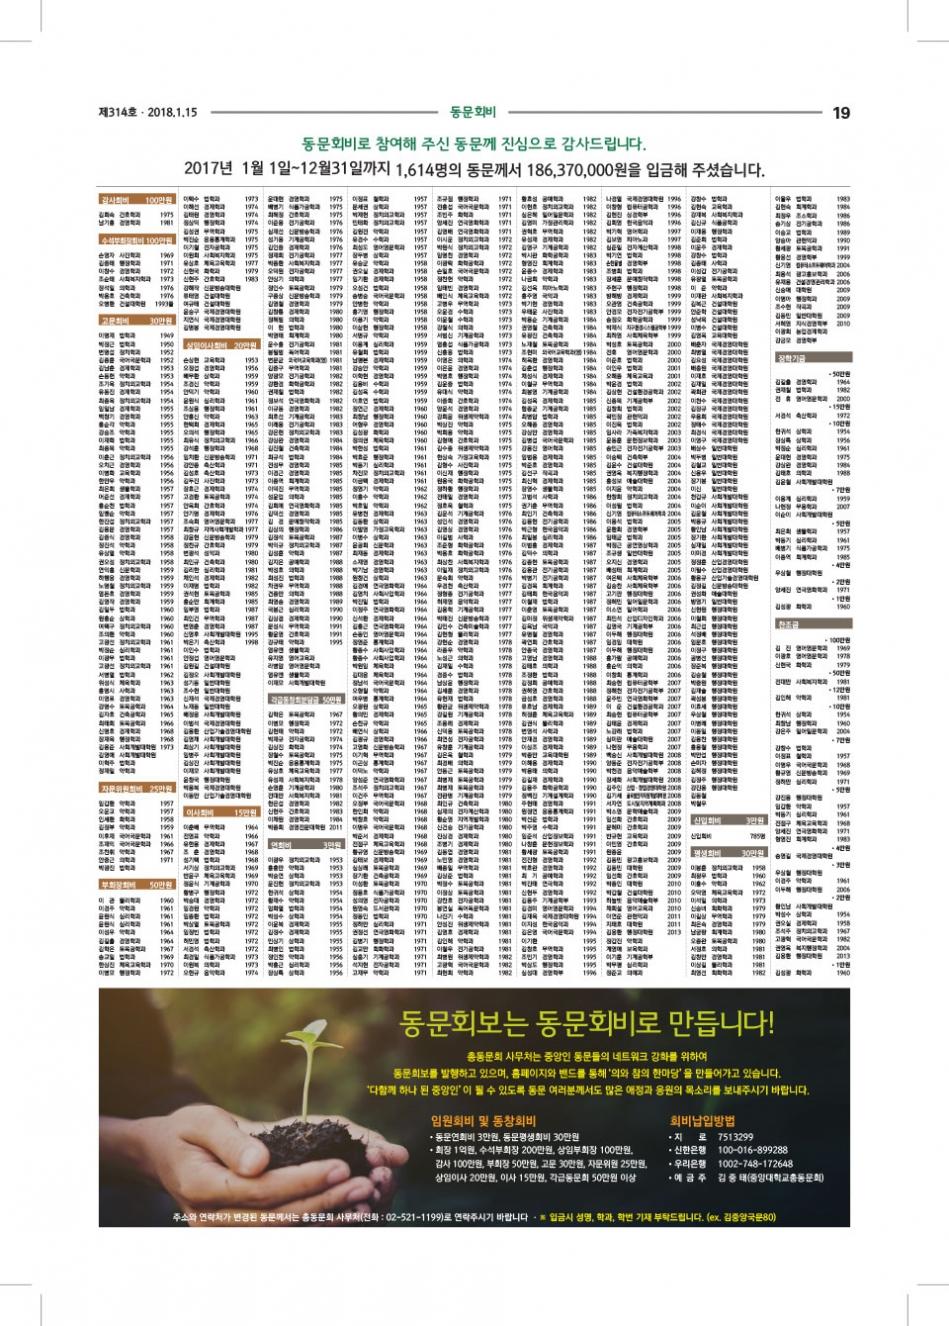 중총신문-18-2-15-최종00-OL인쇄다시-(1)-19.jpg